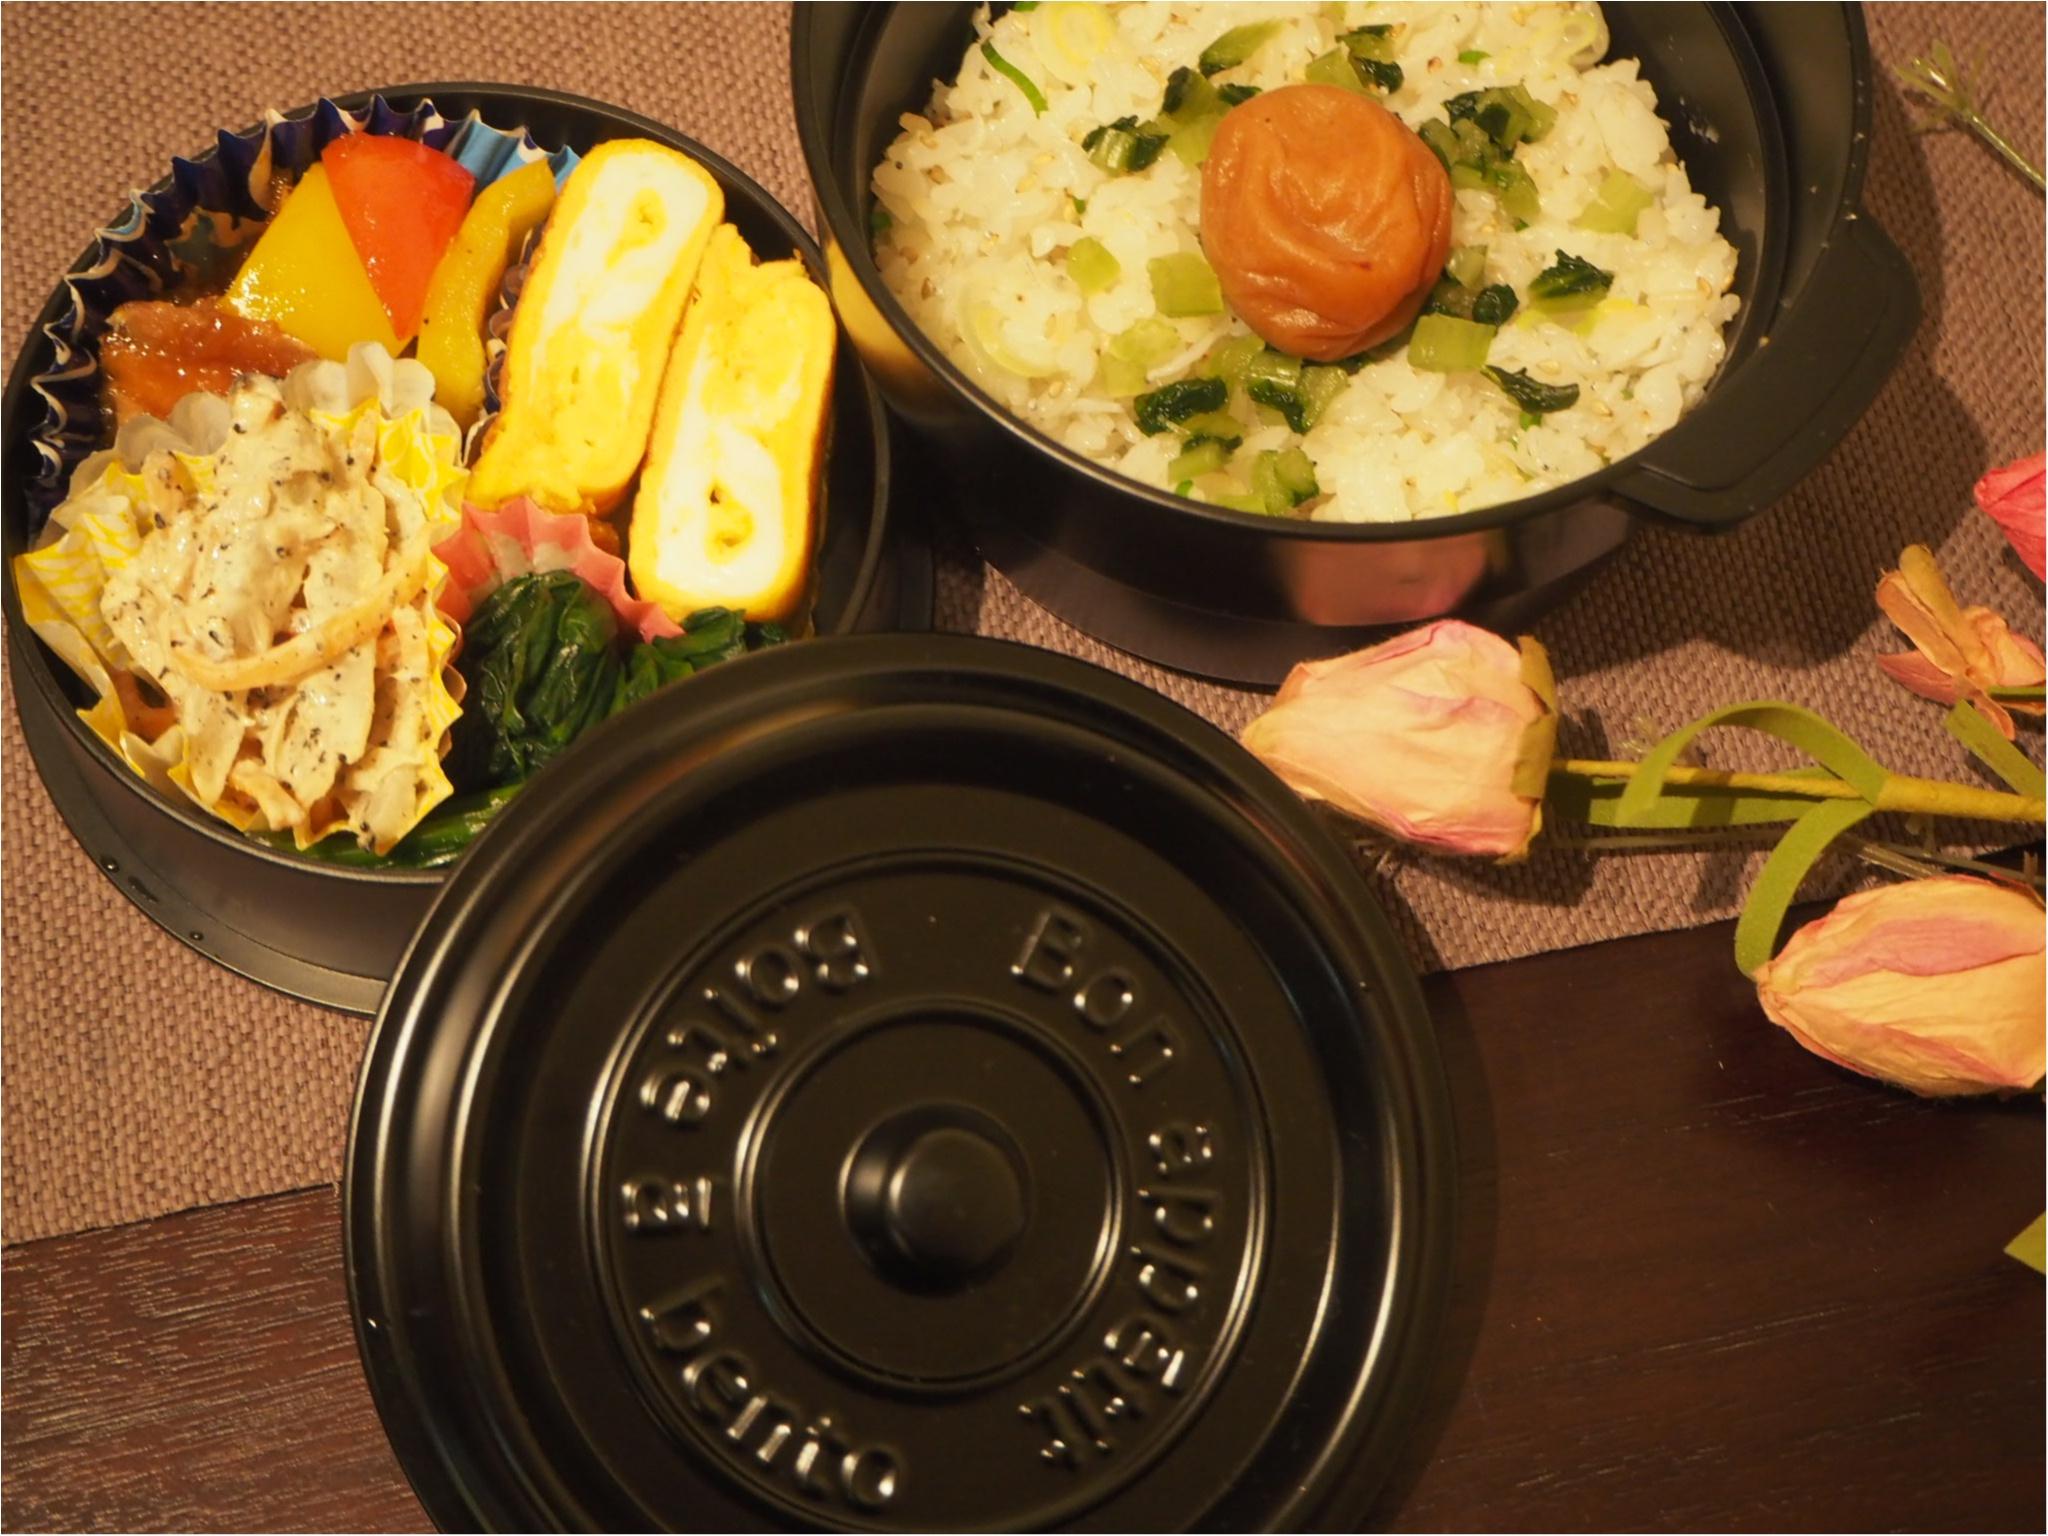 無理をしない、自分のペースでできる「お弁当生活」のすすめ!_3